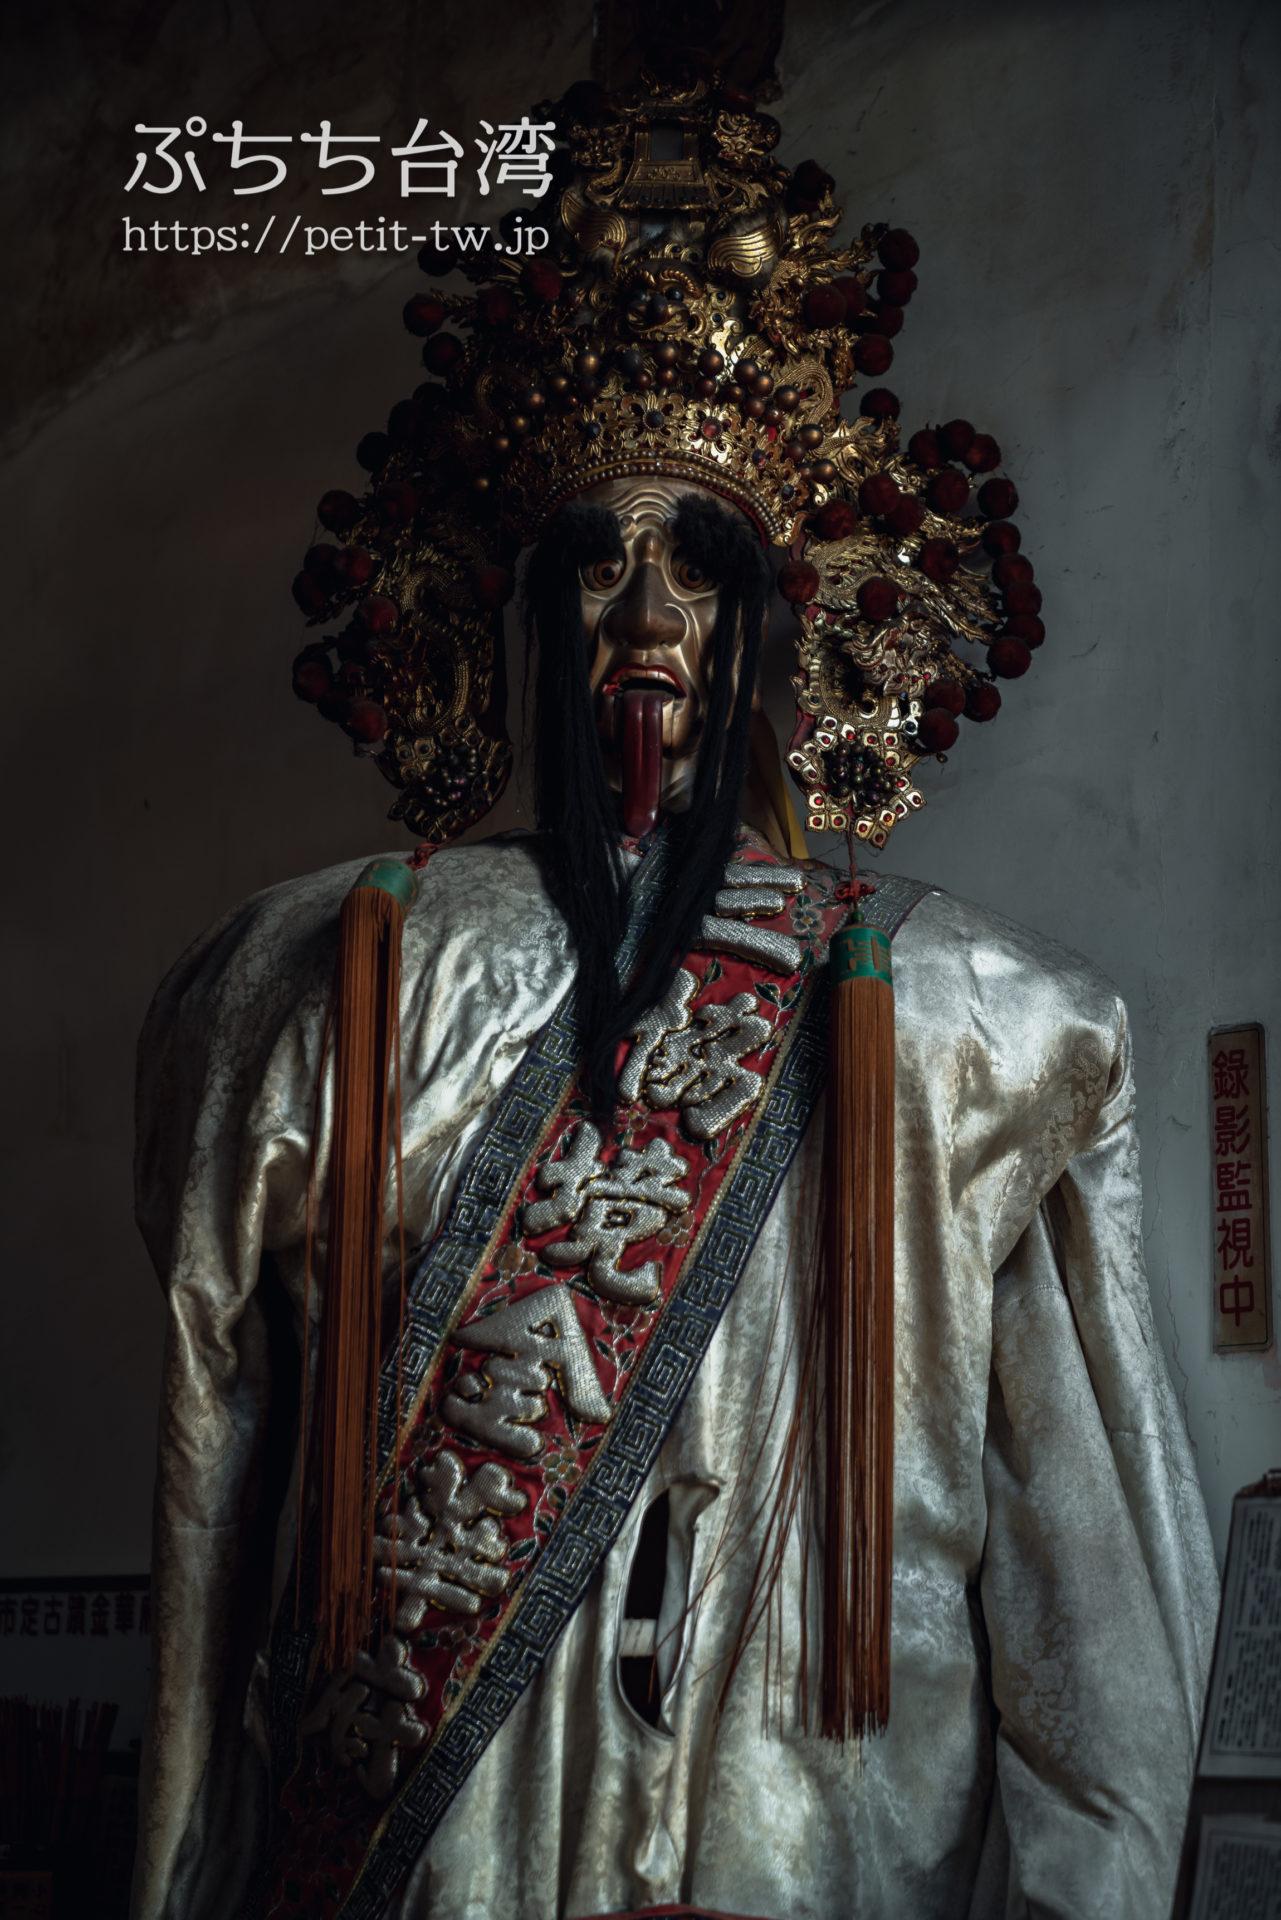 台南の神農街 金華府の廟内の像